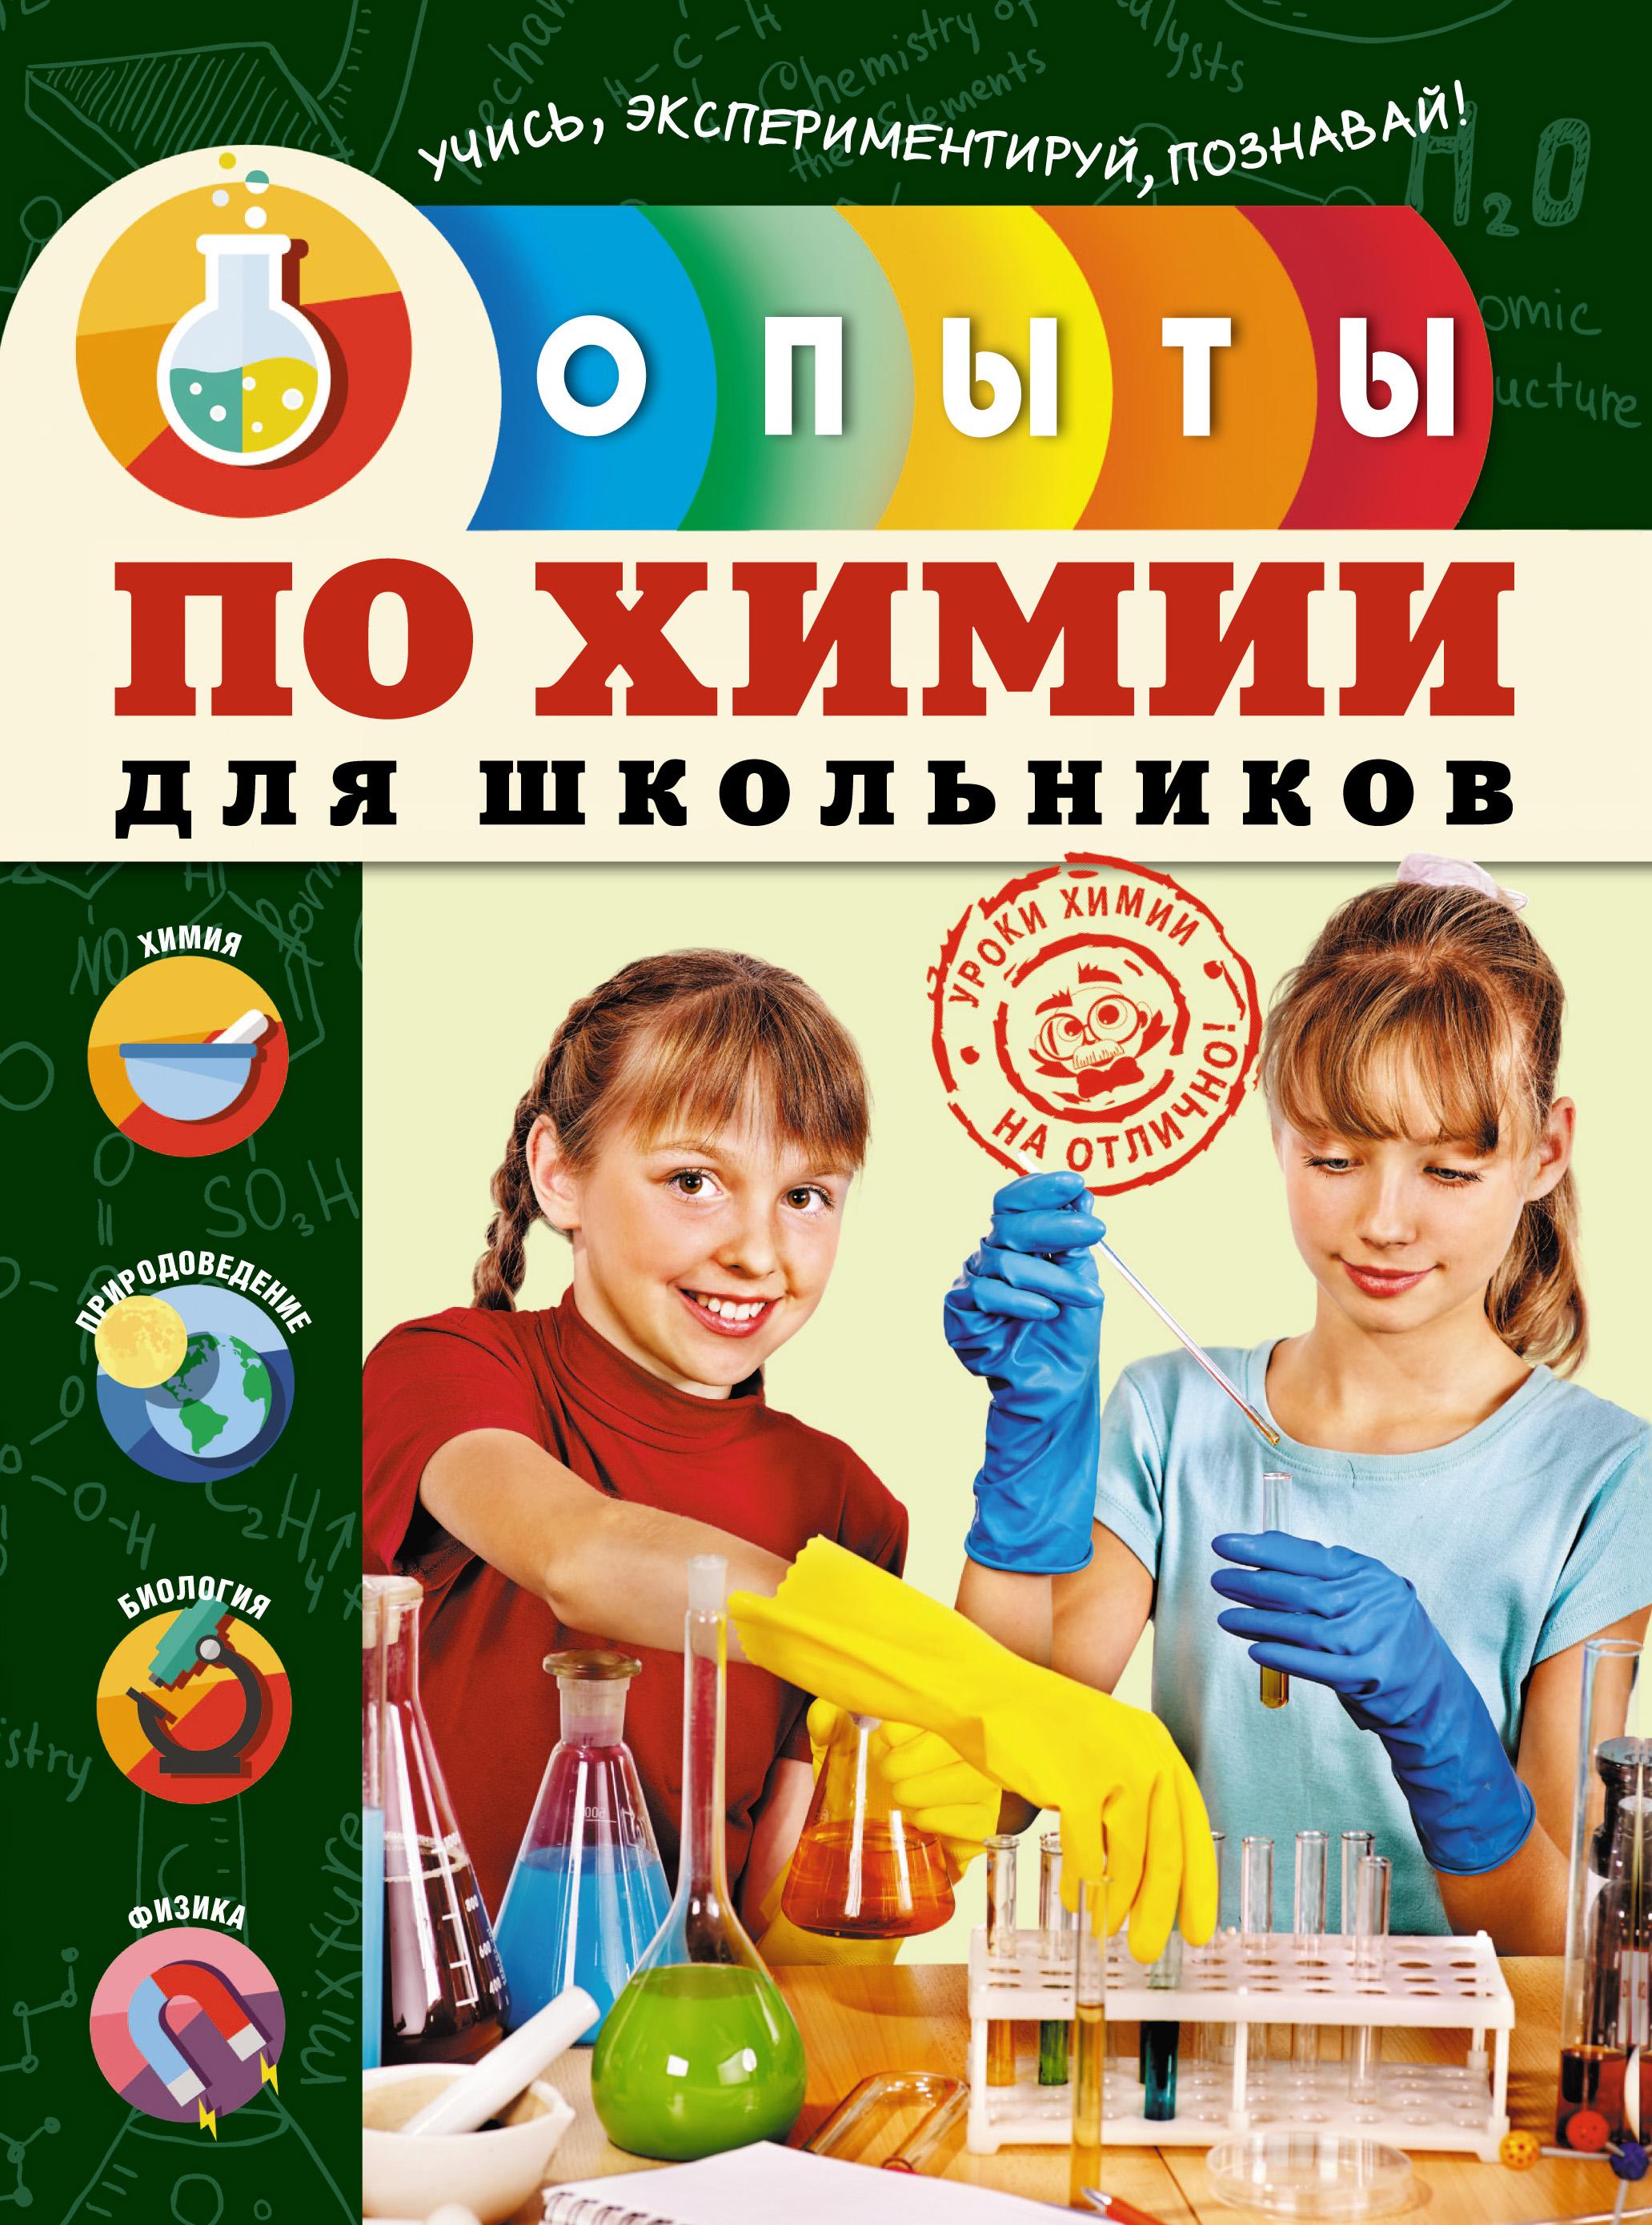 Болушевский С.В., Шишко Л.В. Опыты по химии для школьников ISBN: 978-5-699-72410-9